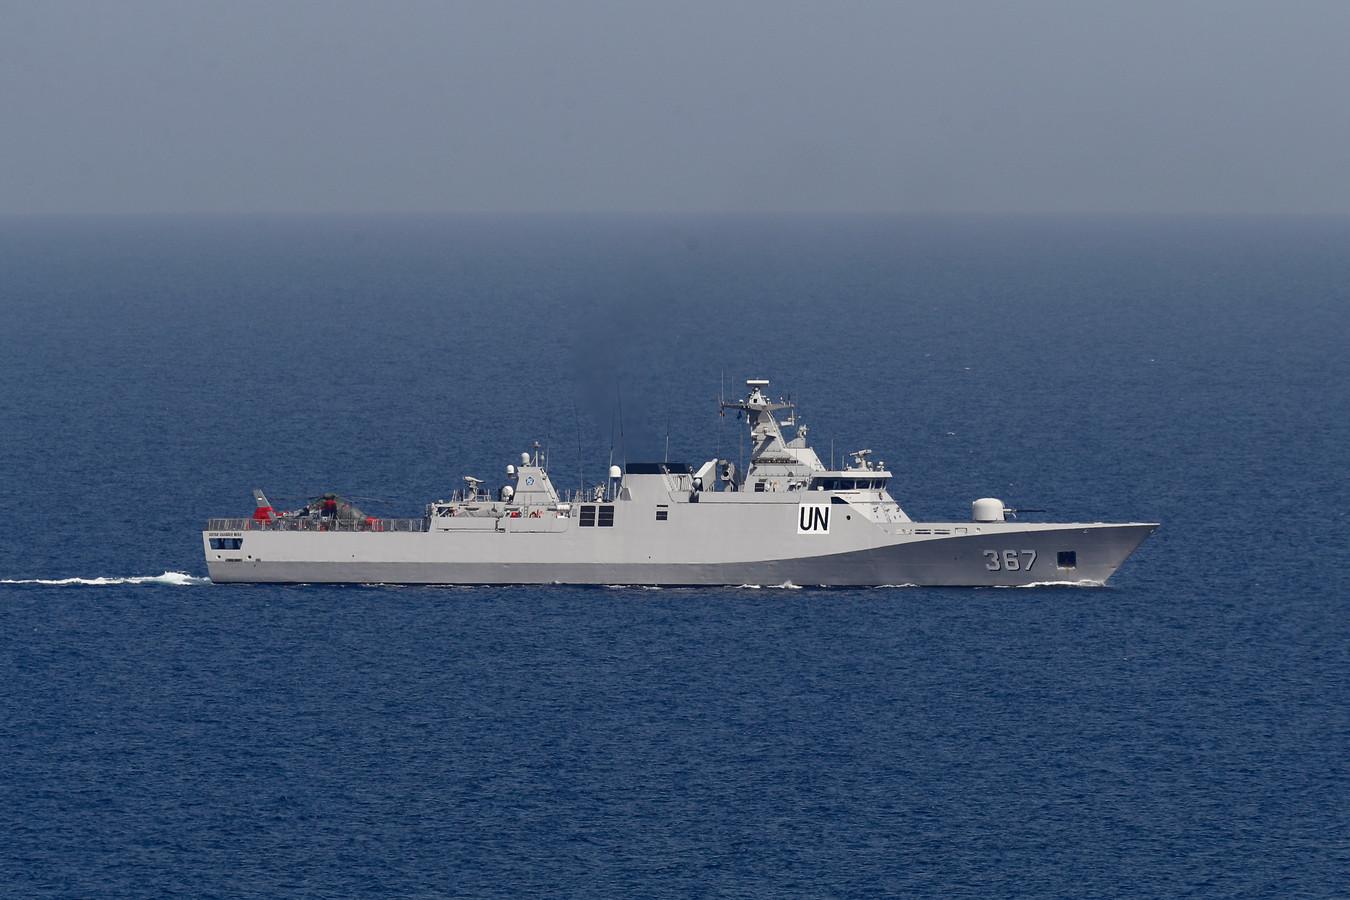 Een schip van de Verenigde Naties vaart op de Middellandse Zee terwijl Israël en Lebanon de onderhandelingen opnieuw opstarten.